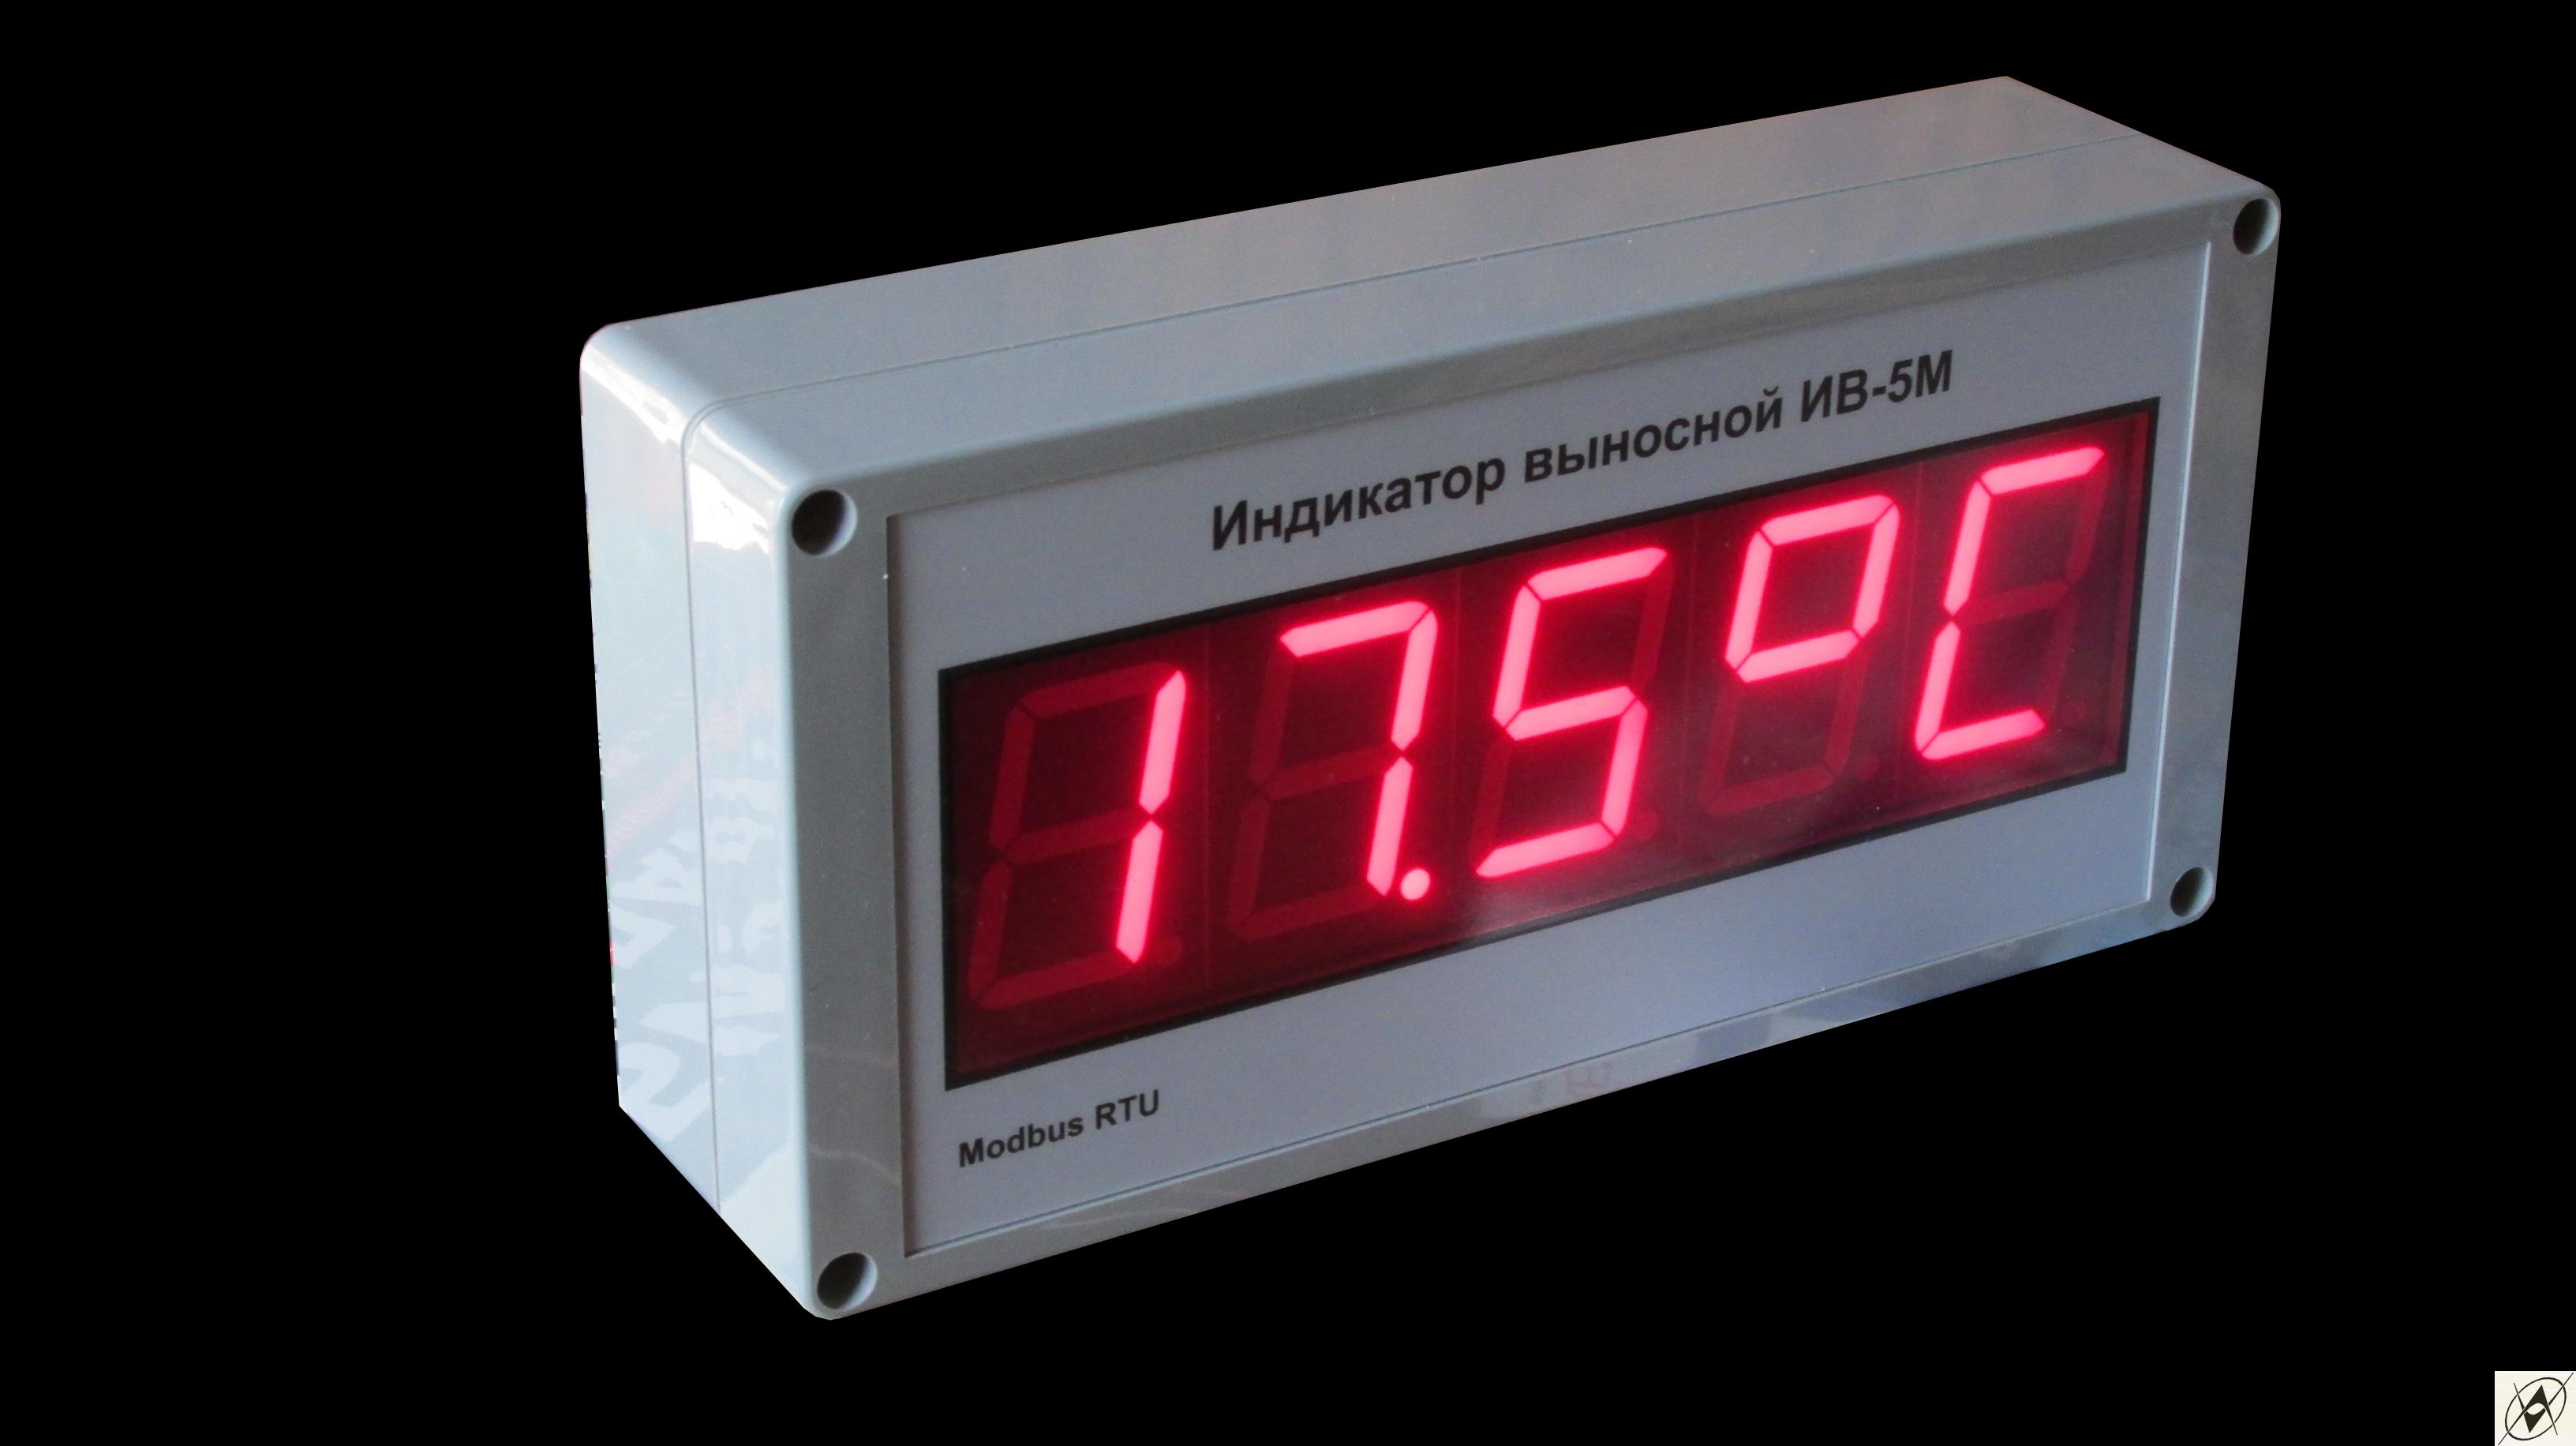 КРУПНОФОРМАТНЫЙ ВЫНОСНОЙ   ИНДИКАТОР ИВ-5М